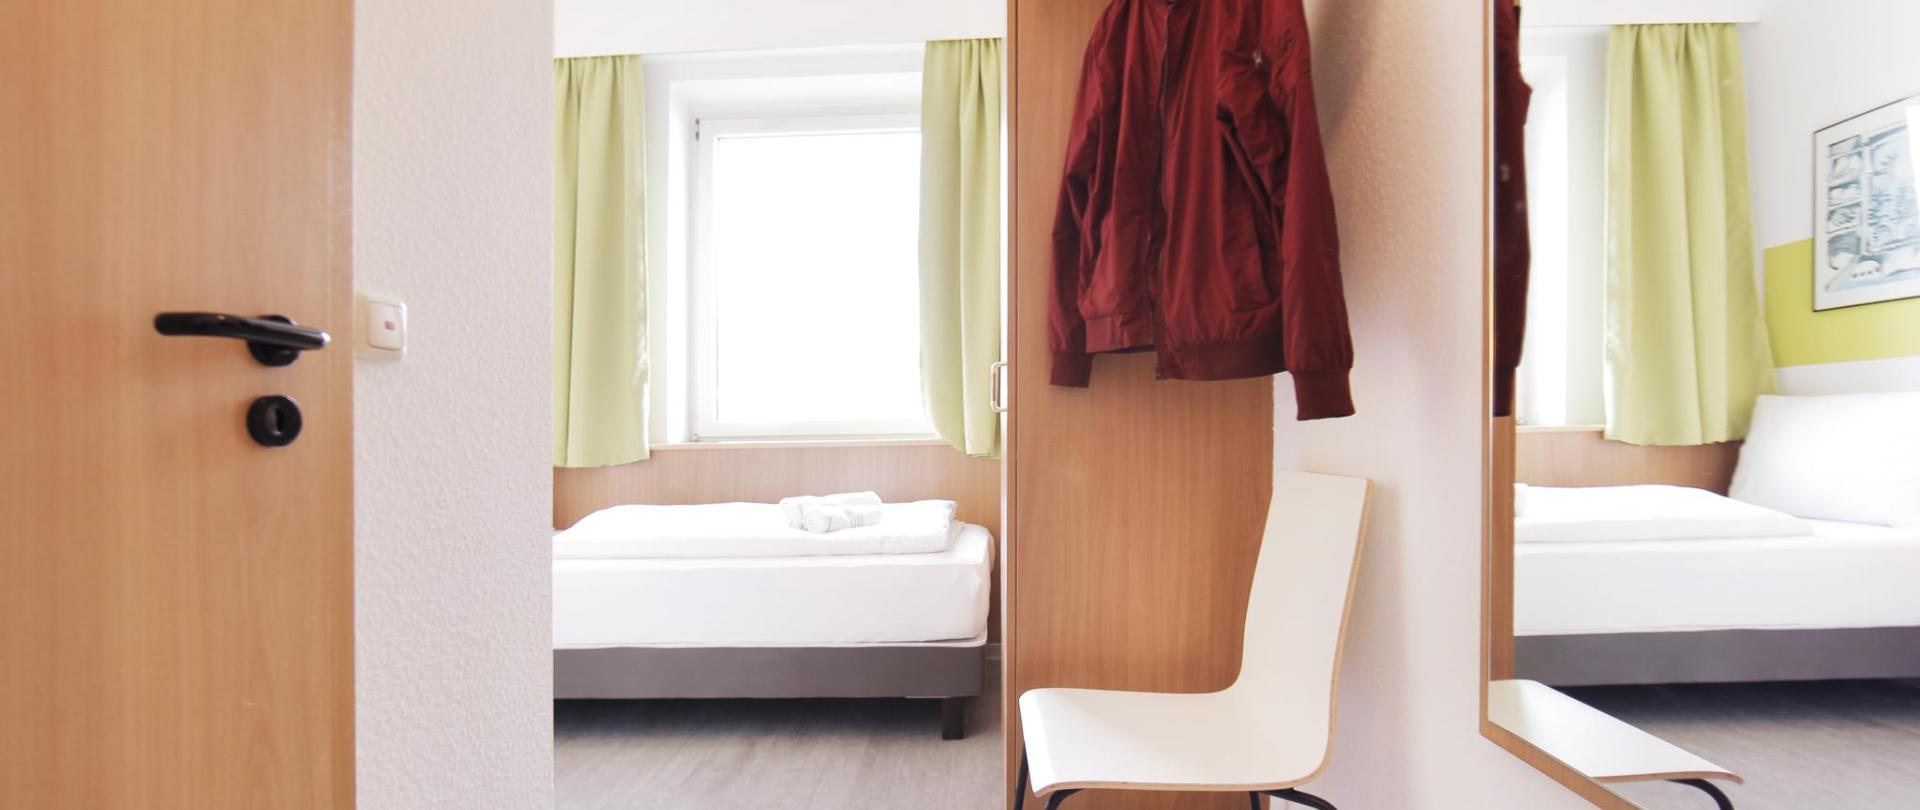 Bestprice Hotel Aachen City